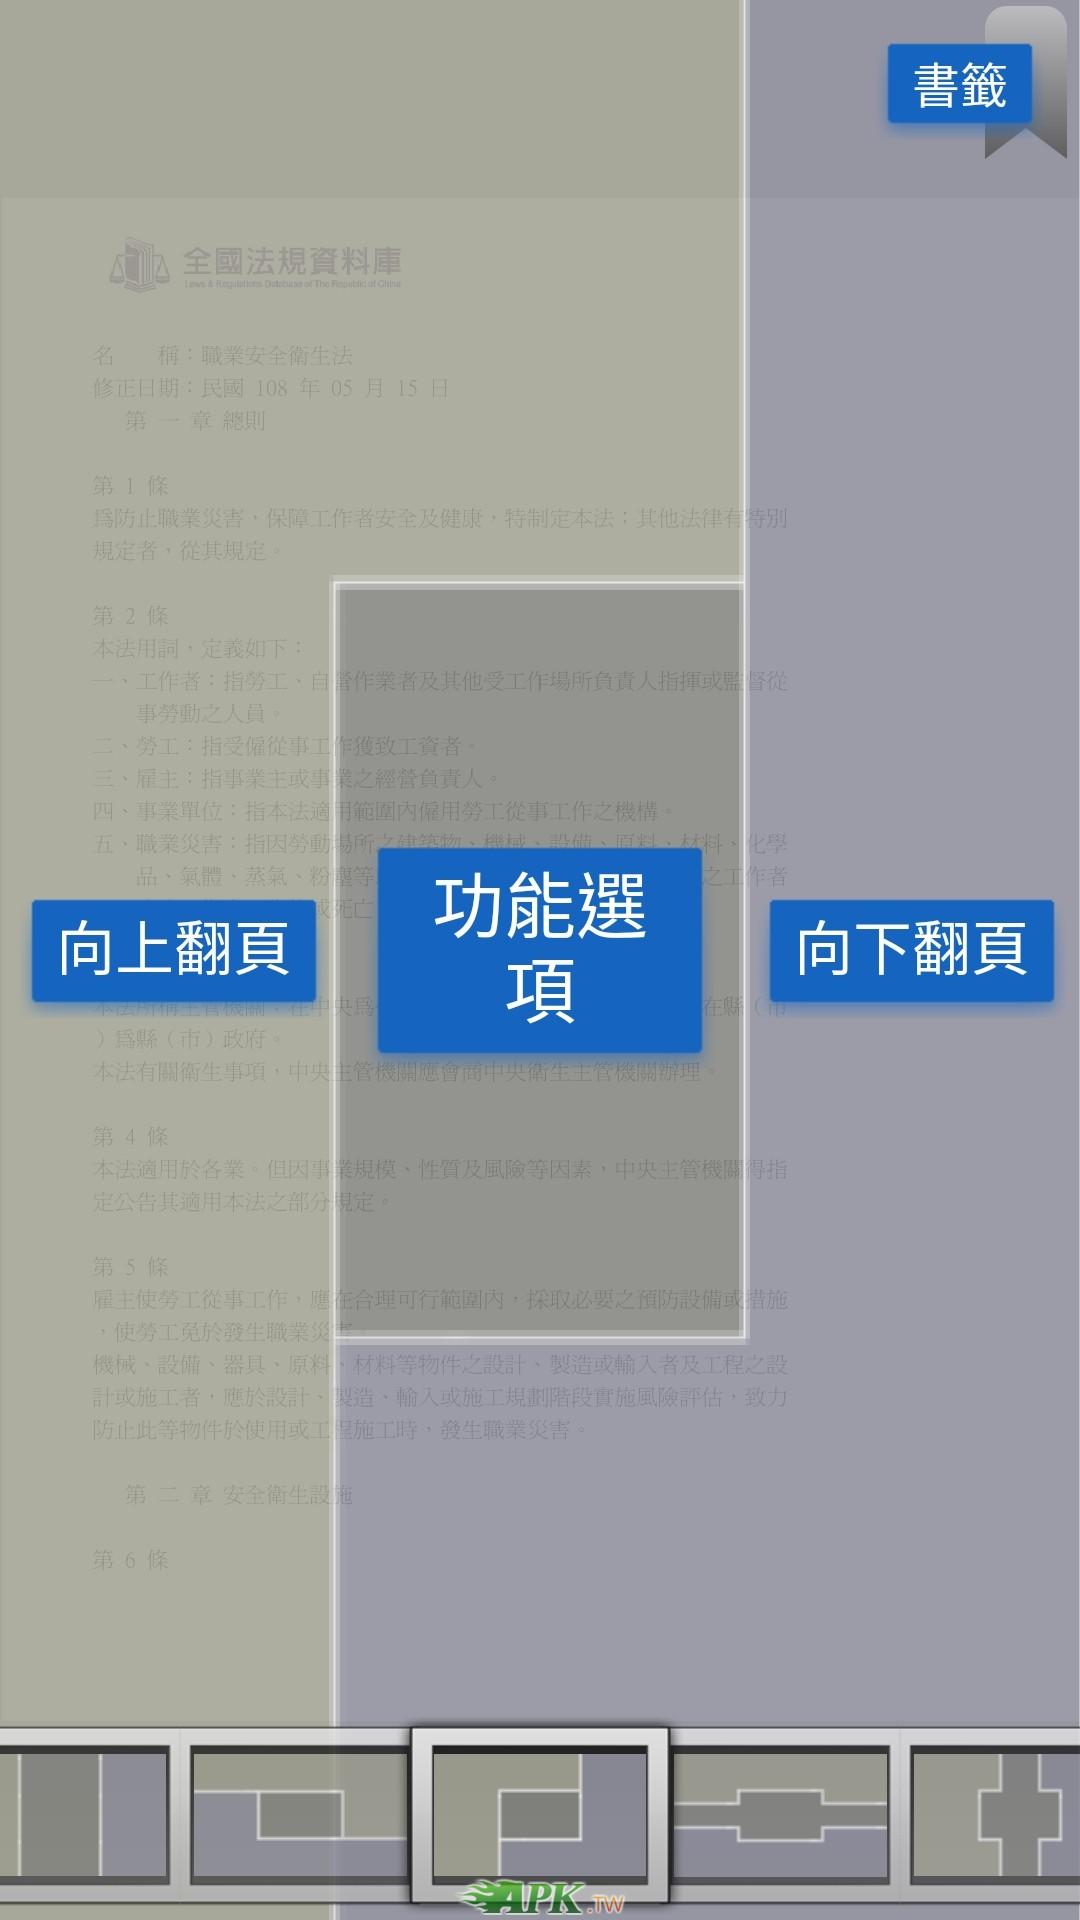 Moon_Reader__6.jpg